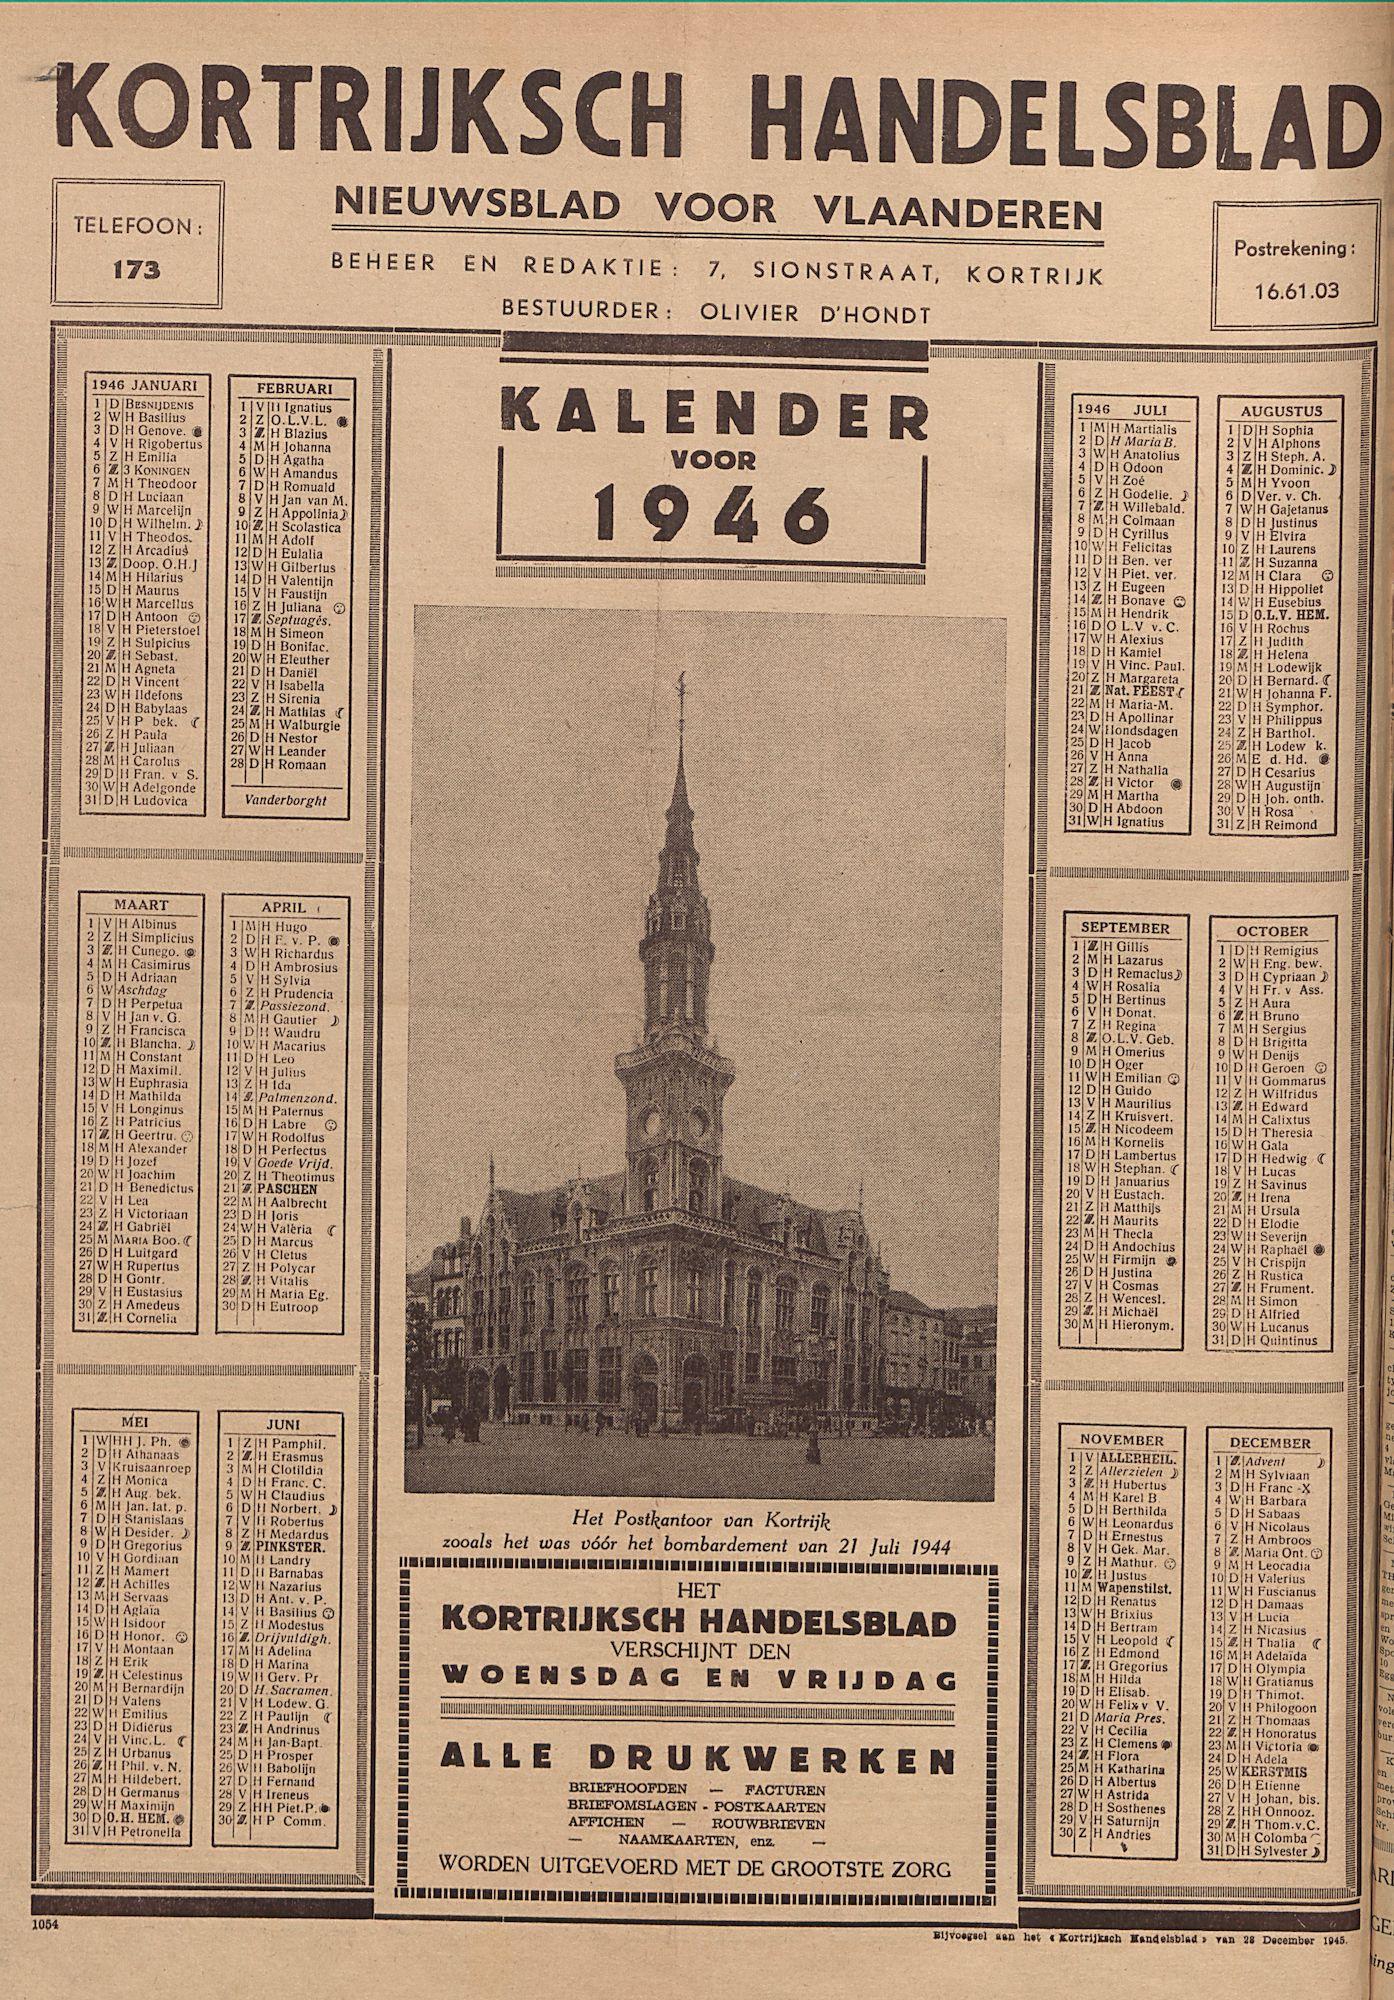 Kortrijksch Handelsblad Kalender voor 1946 p1